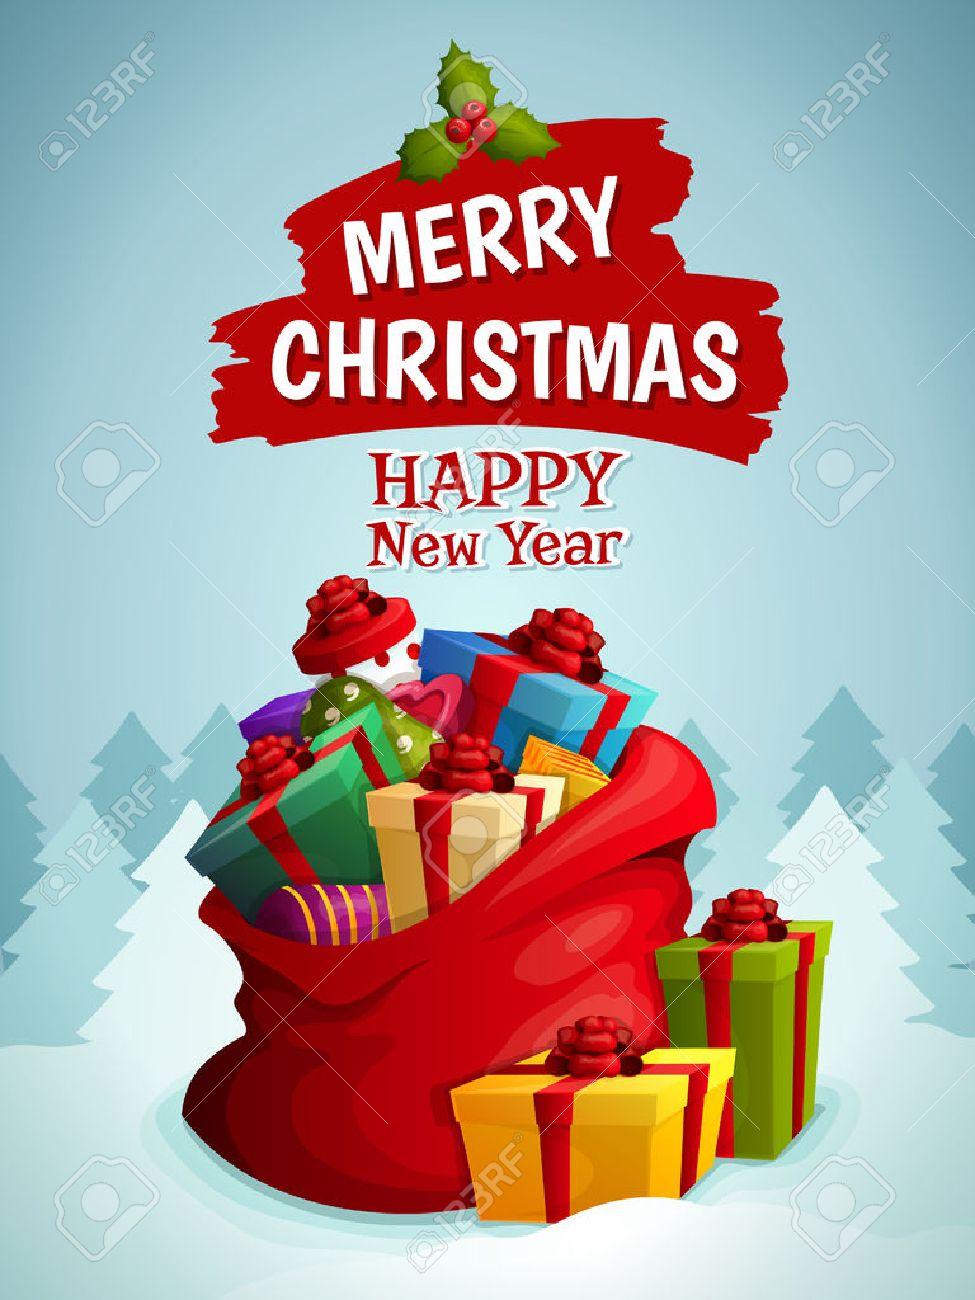 05b0fa0bdef08 Feliz año nuevo cartel Feliz Navidad con bolsa de regalos de navidad cajas  en el bosque